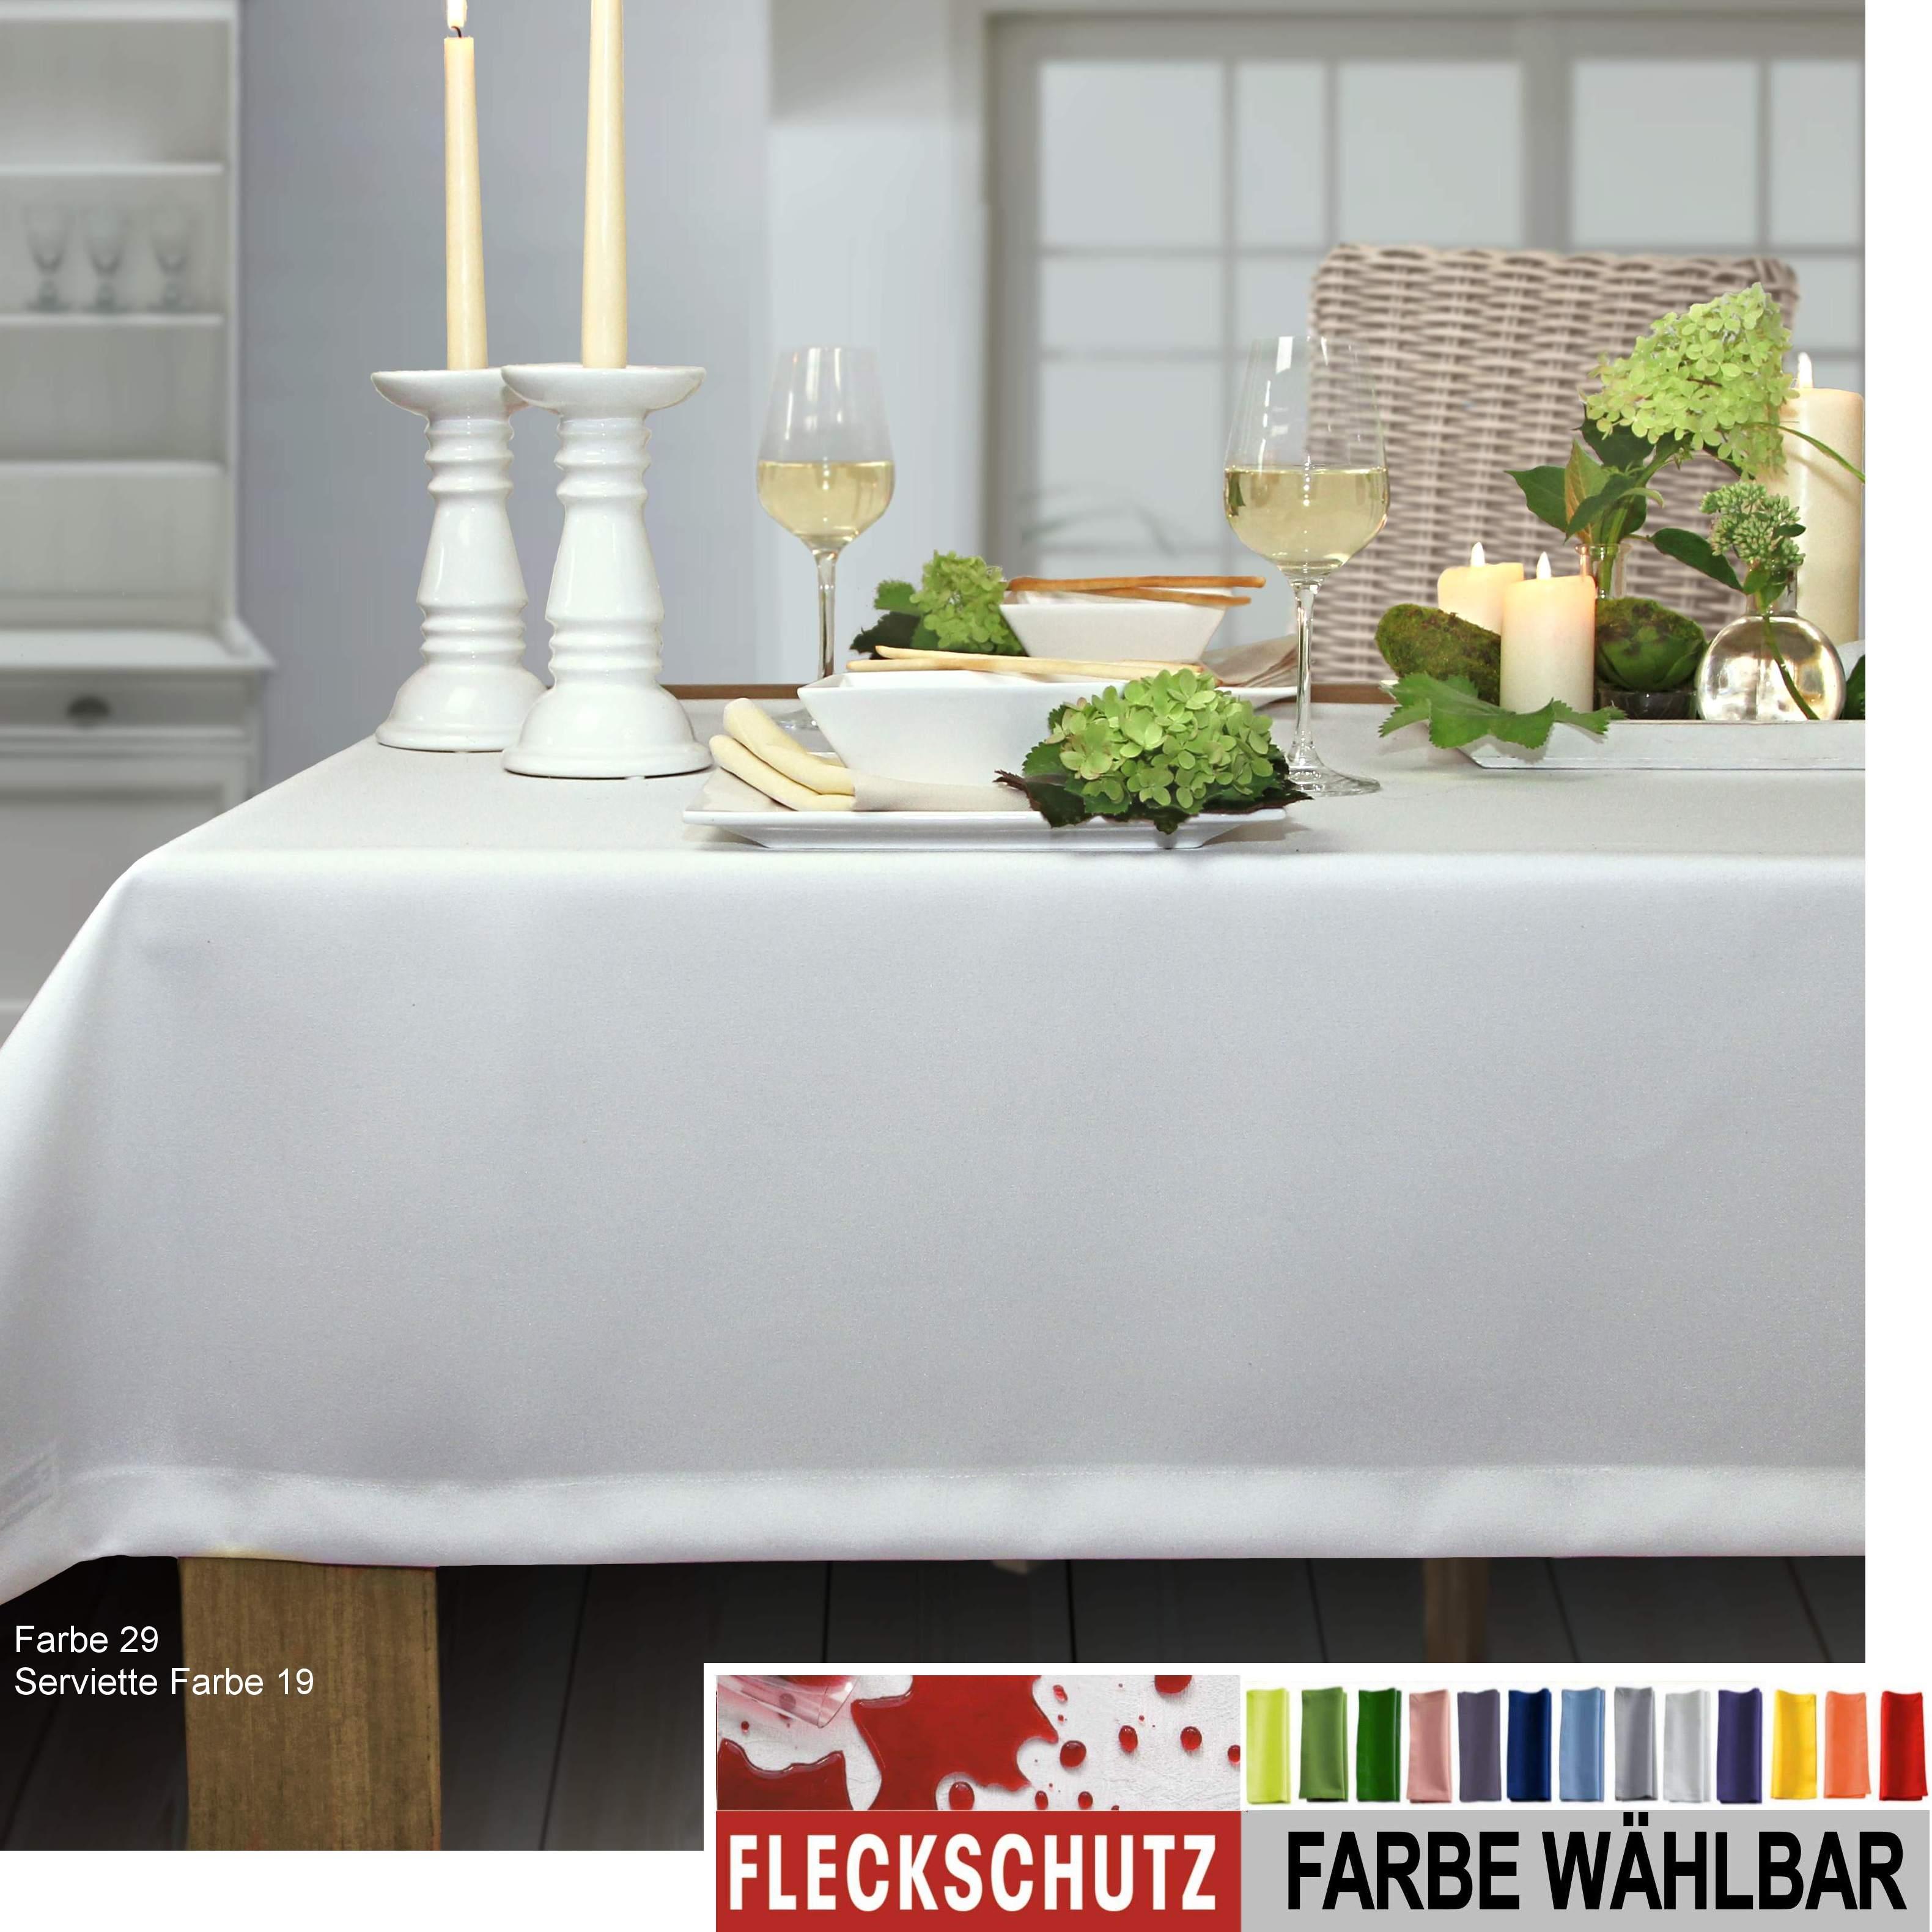 Die praktische Unterdecke für Ihre Tischdecke